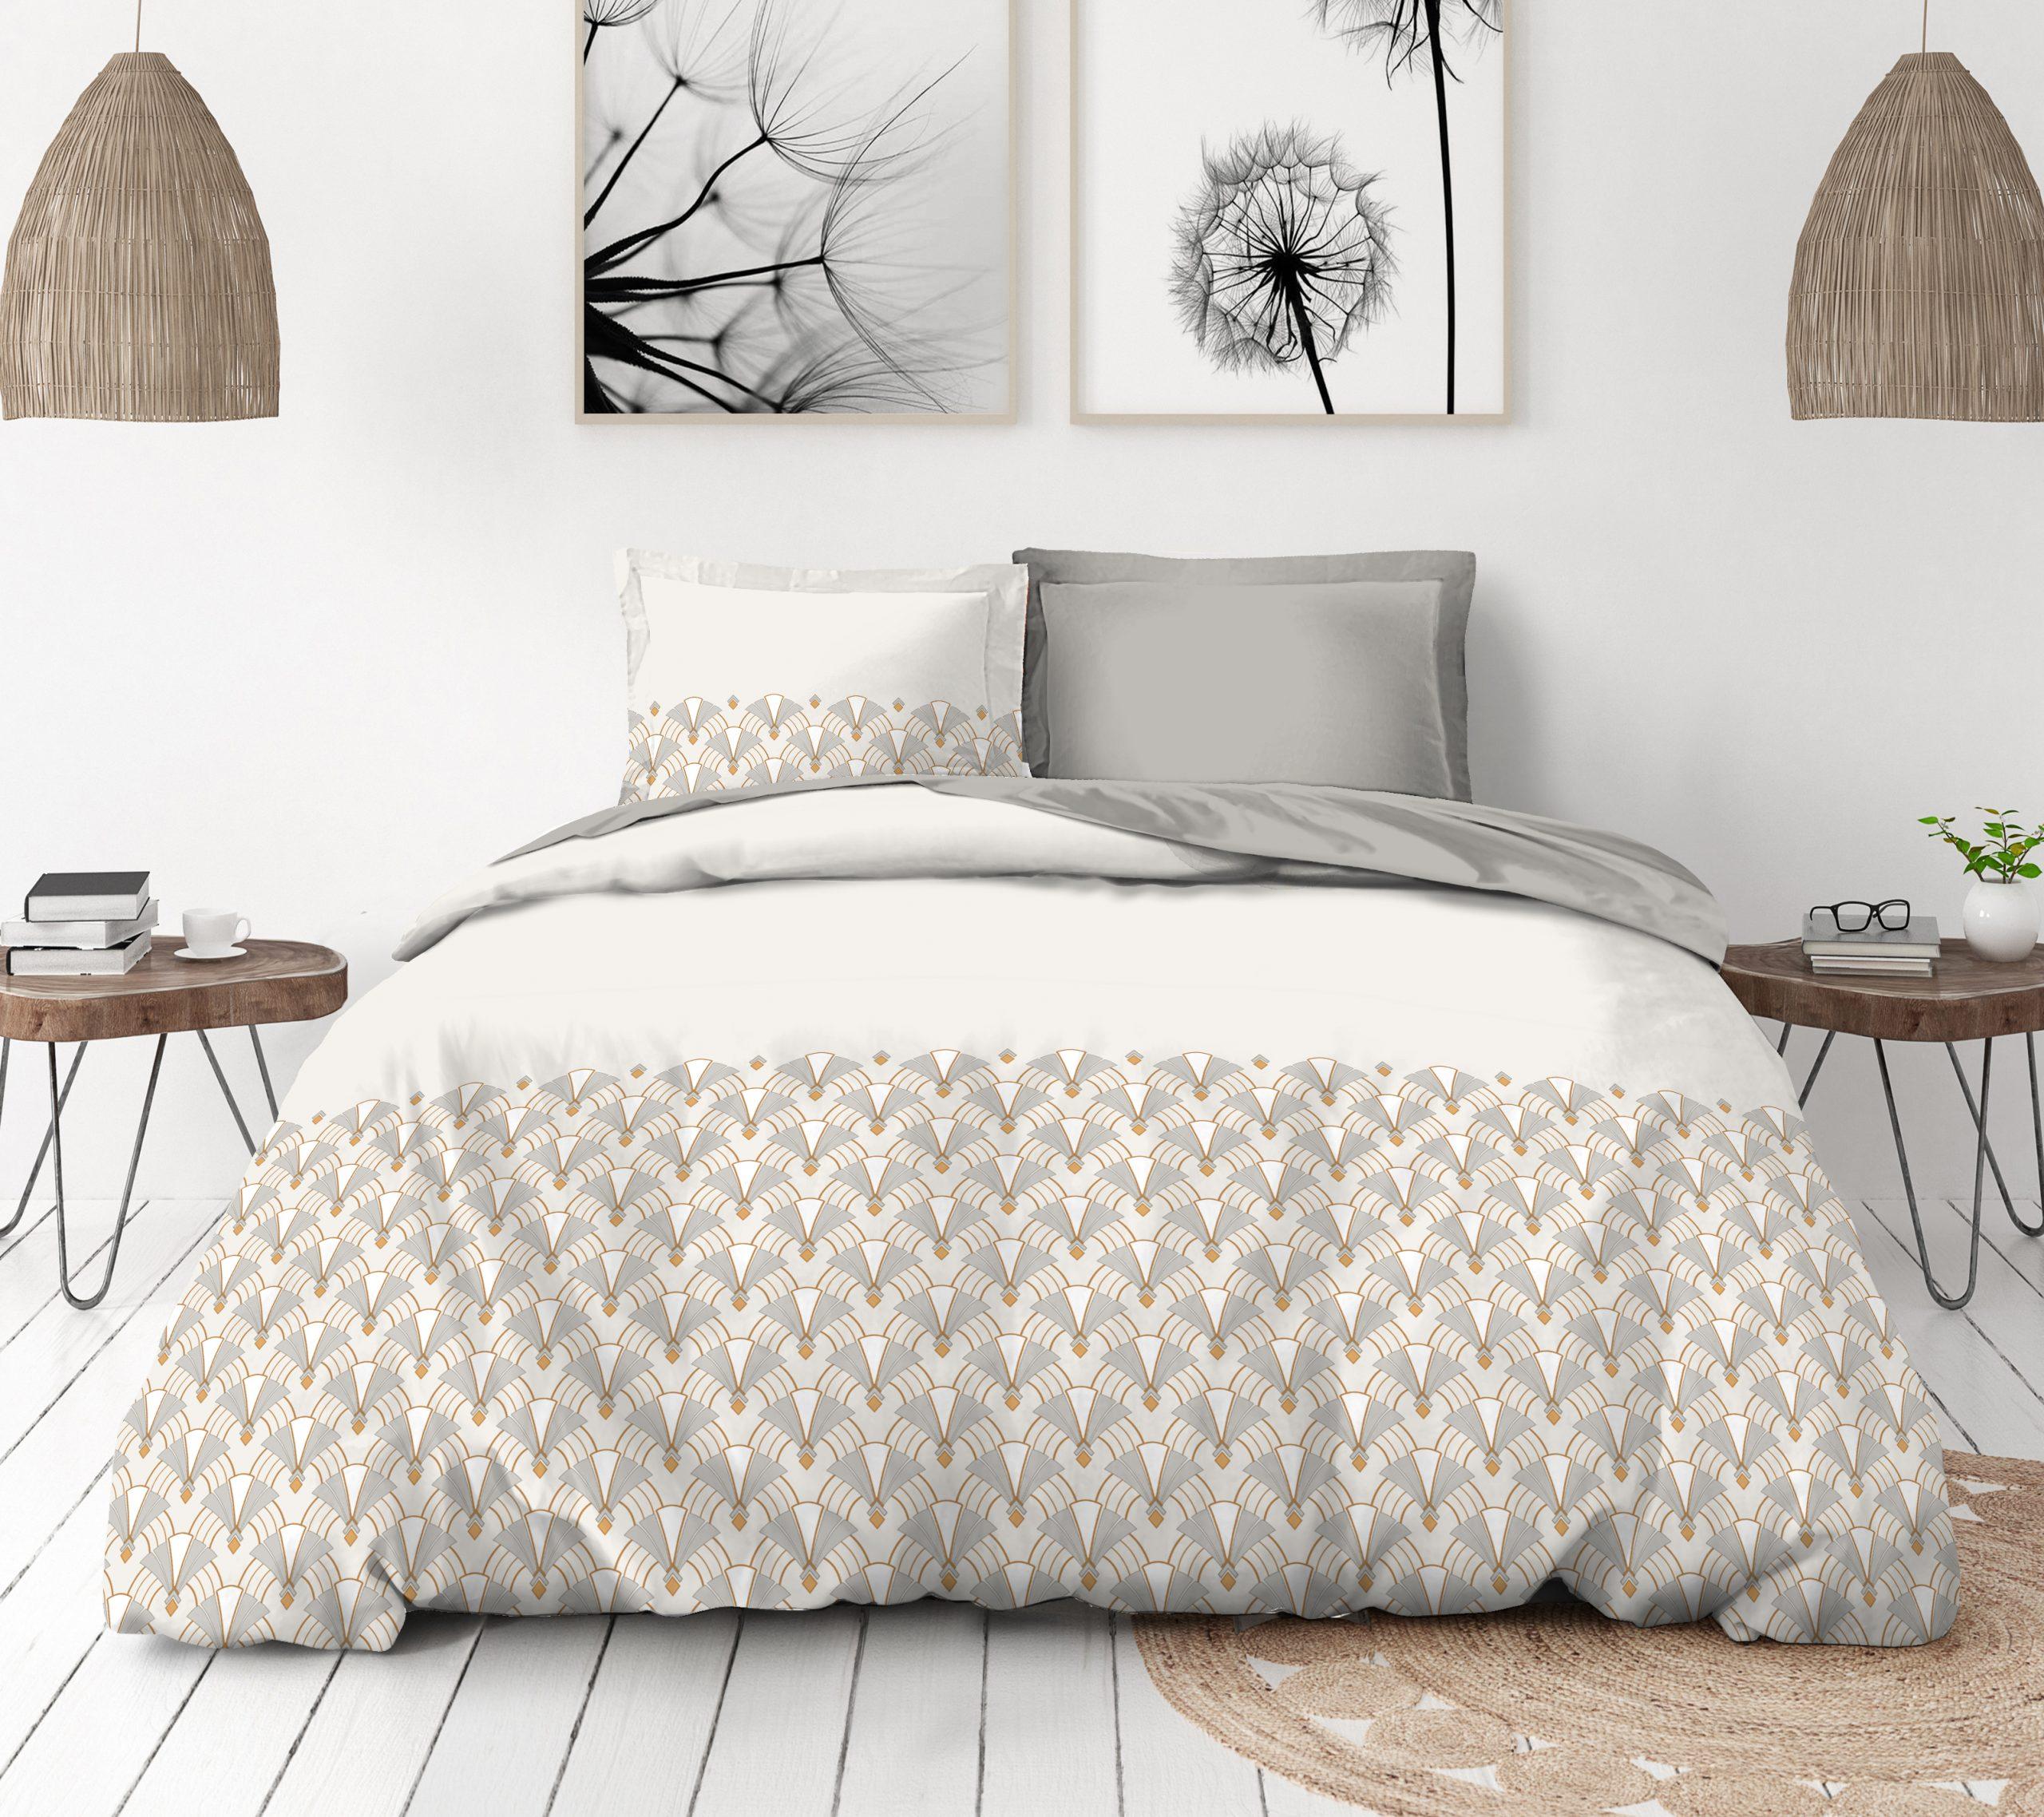 Couettes et Cetera : Mettez en valeur votre chambre avec un linge de lit unique